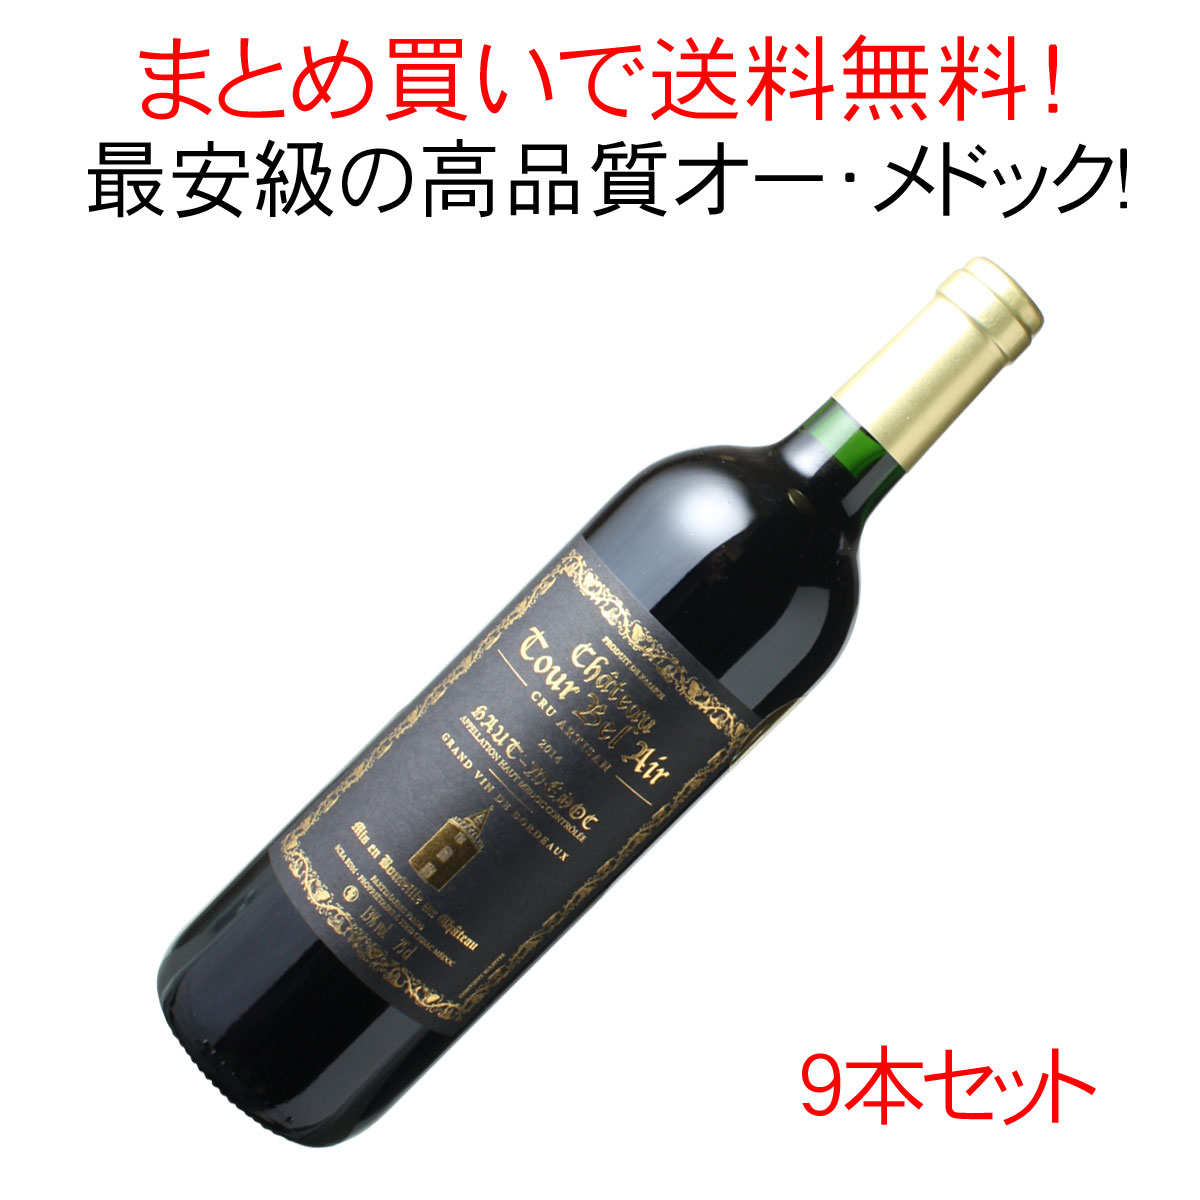 【送料無料】シャトー・トゥール・ベレール [2014] 1ケース9本セット <ワイン/ボルドー>